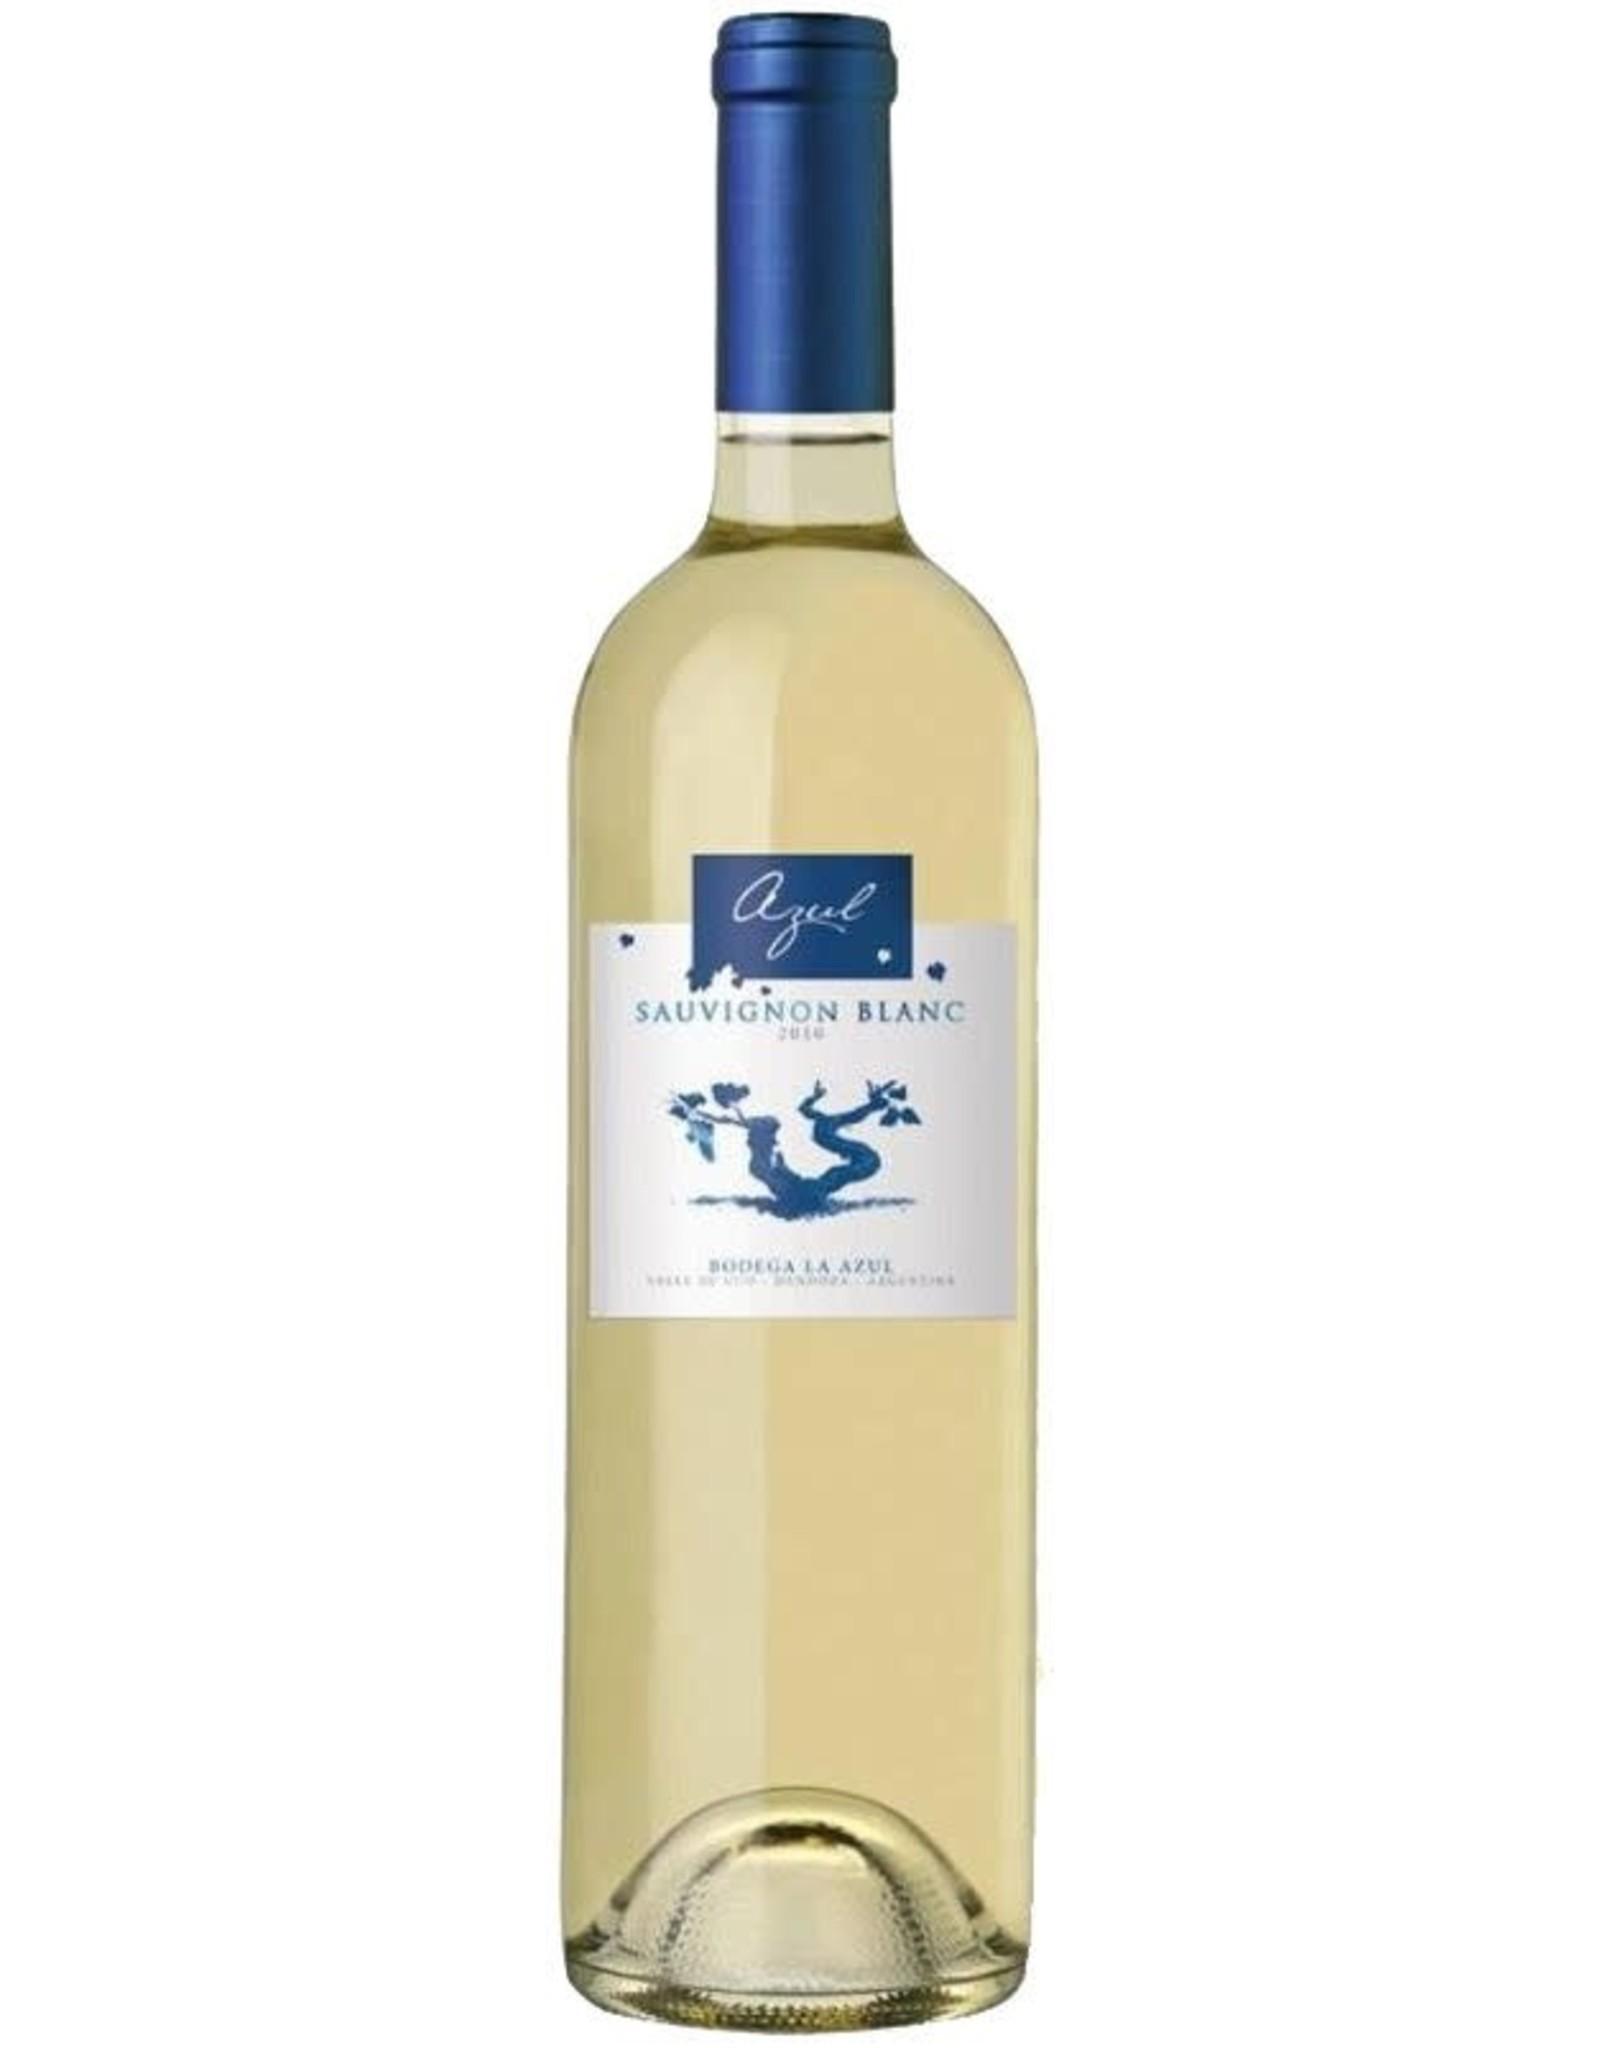 Azul Sauvignon Blanc 2017